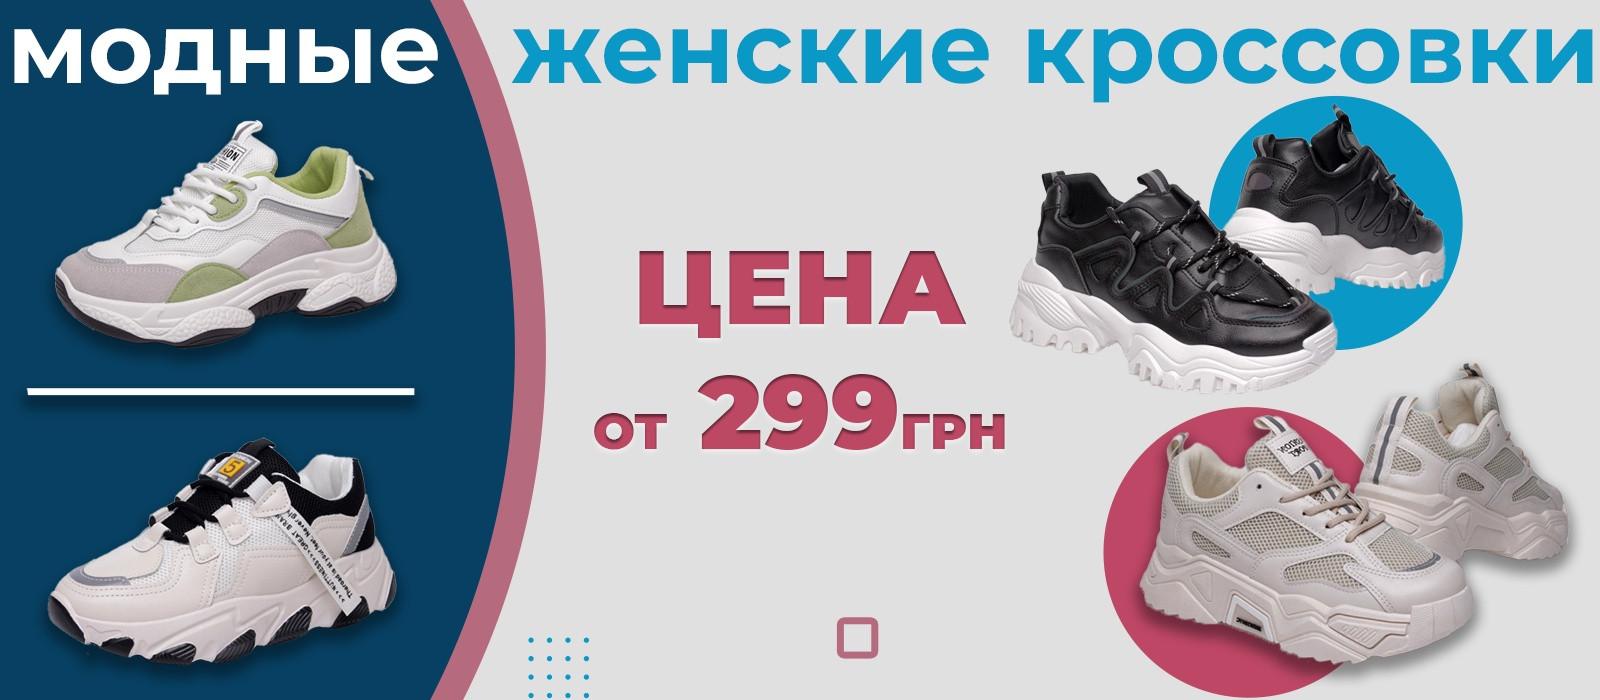 Женские Кроссовки Оптом - от 299 грн - Осень-2021